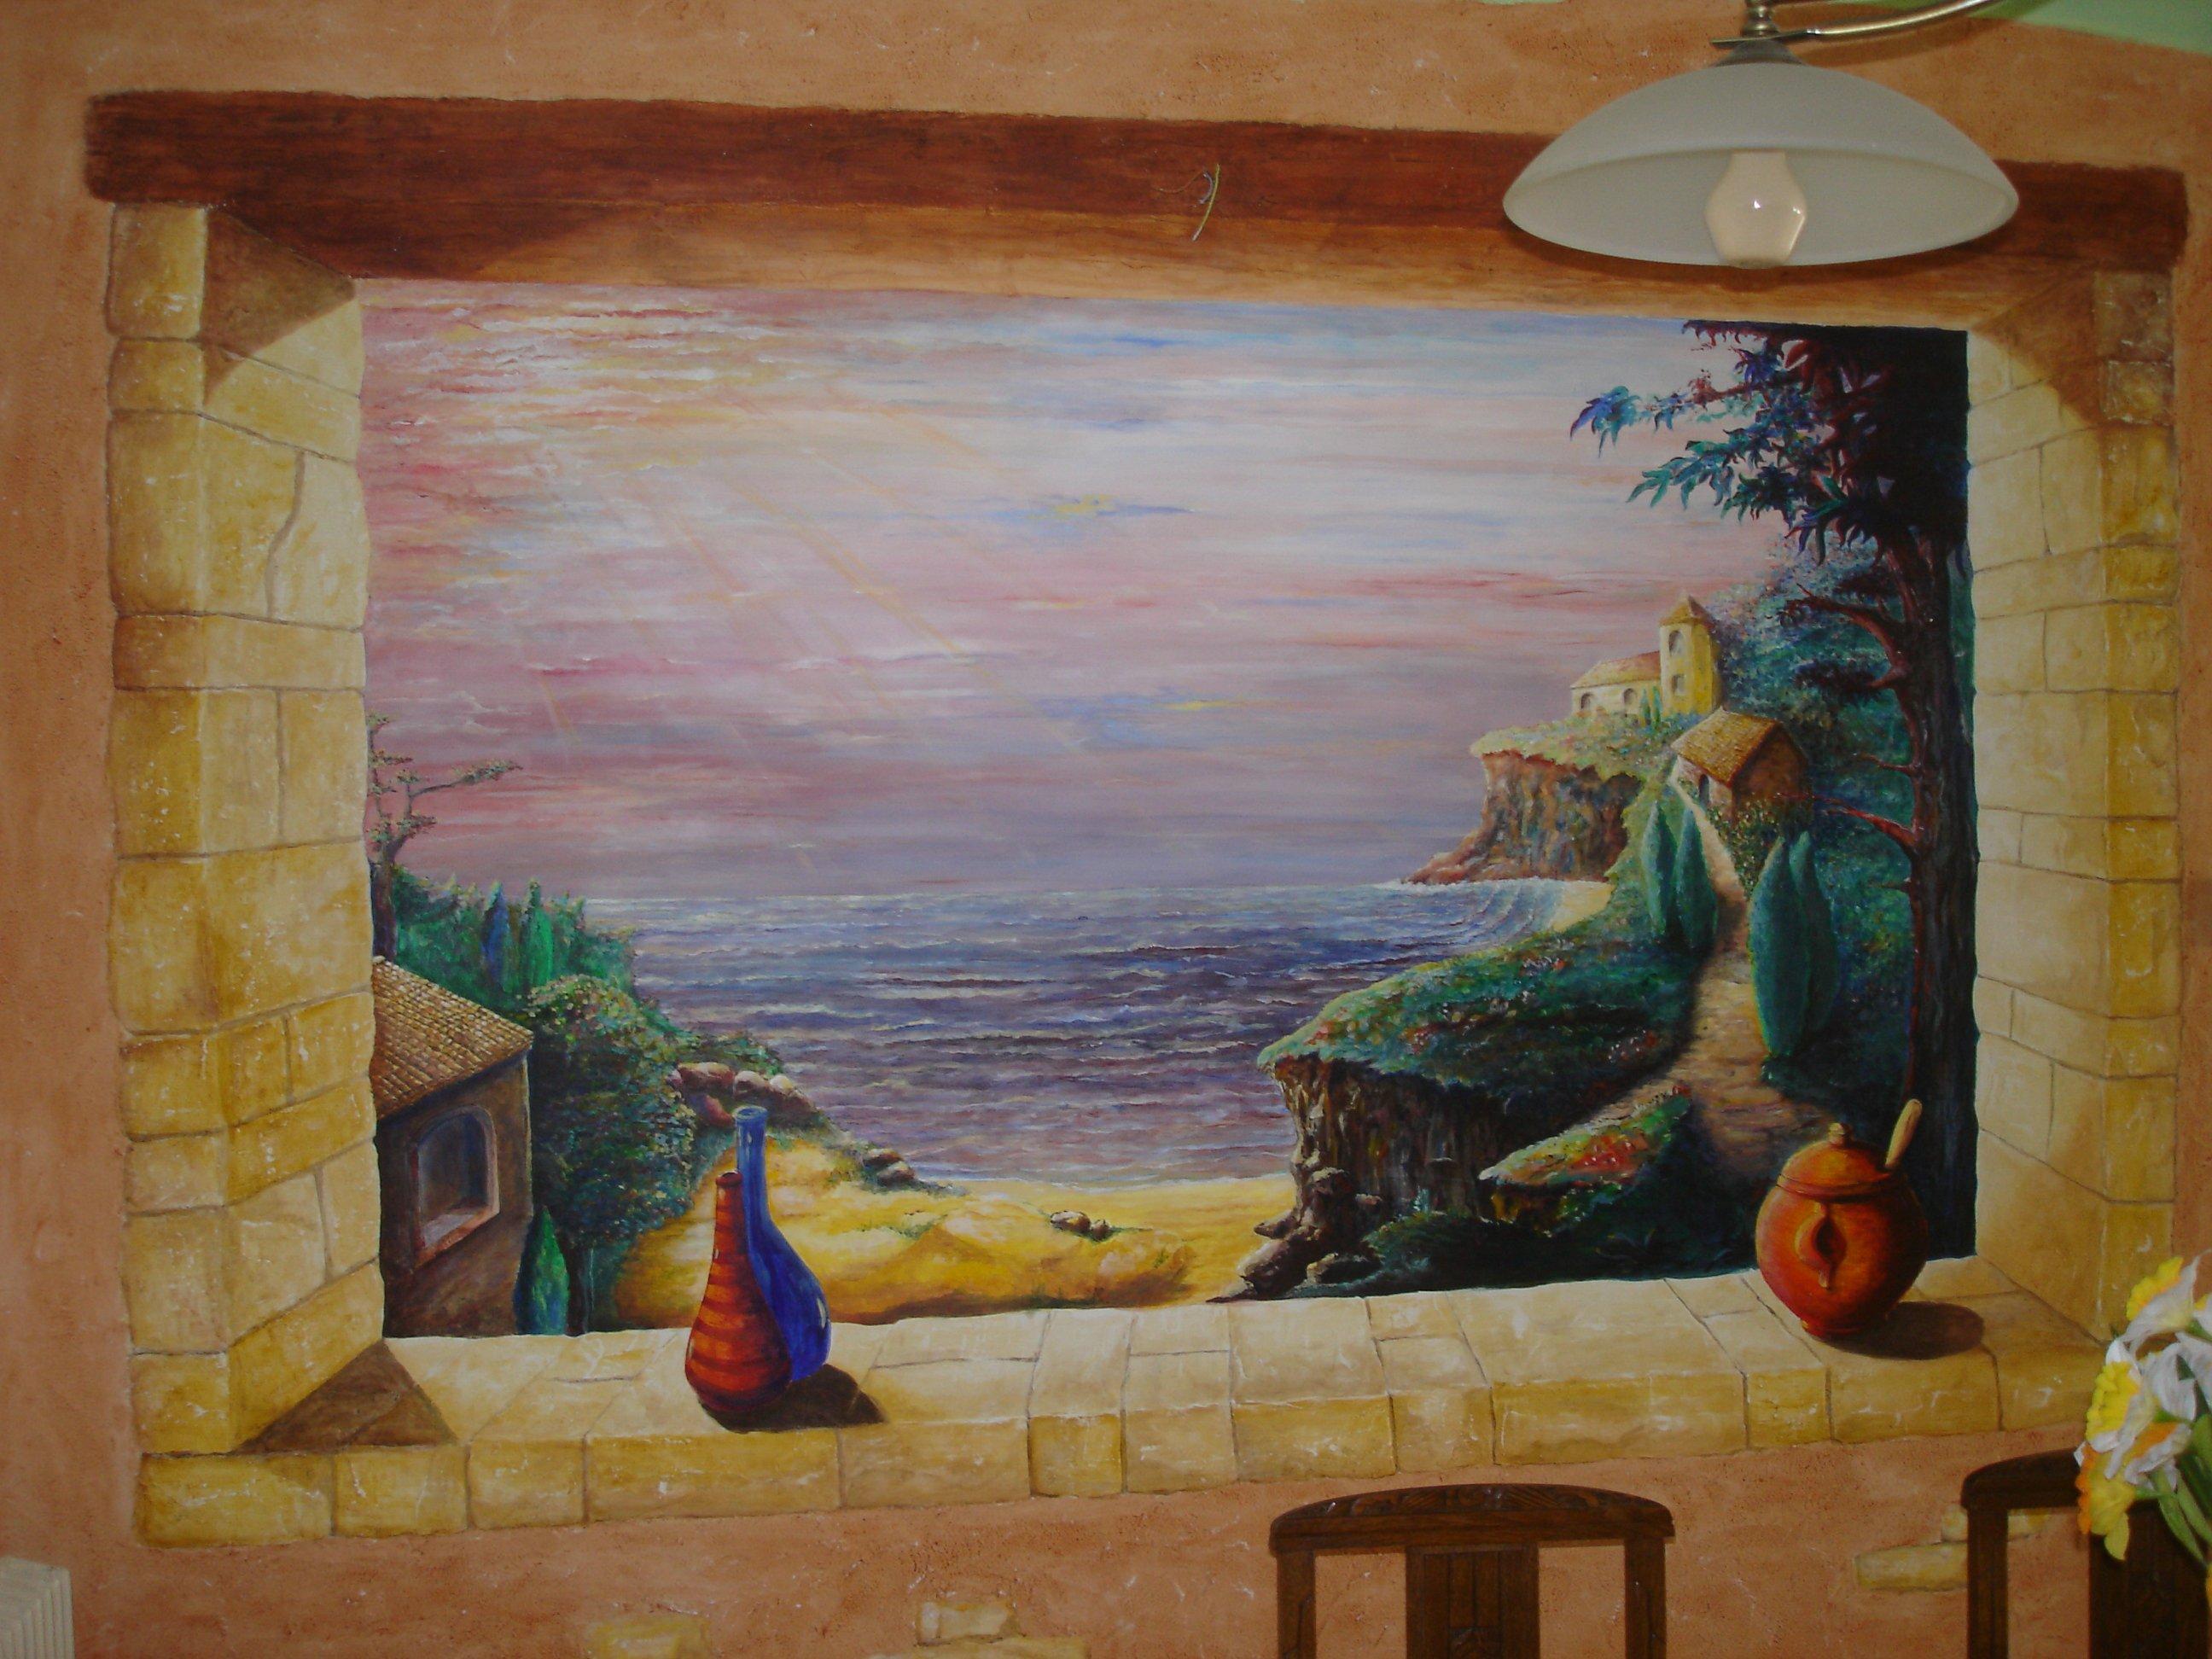 fin de journee marine at artiste peintre fresques trompe l 39 oeil dans l 39 yonne 89. Black Bedroom Furniture Sets. Home Design Ideas